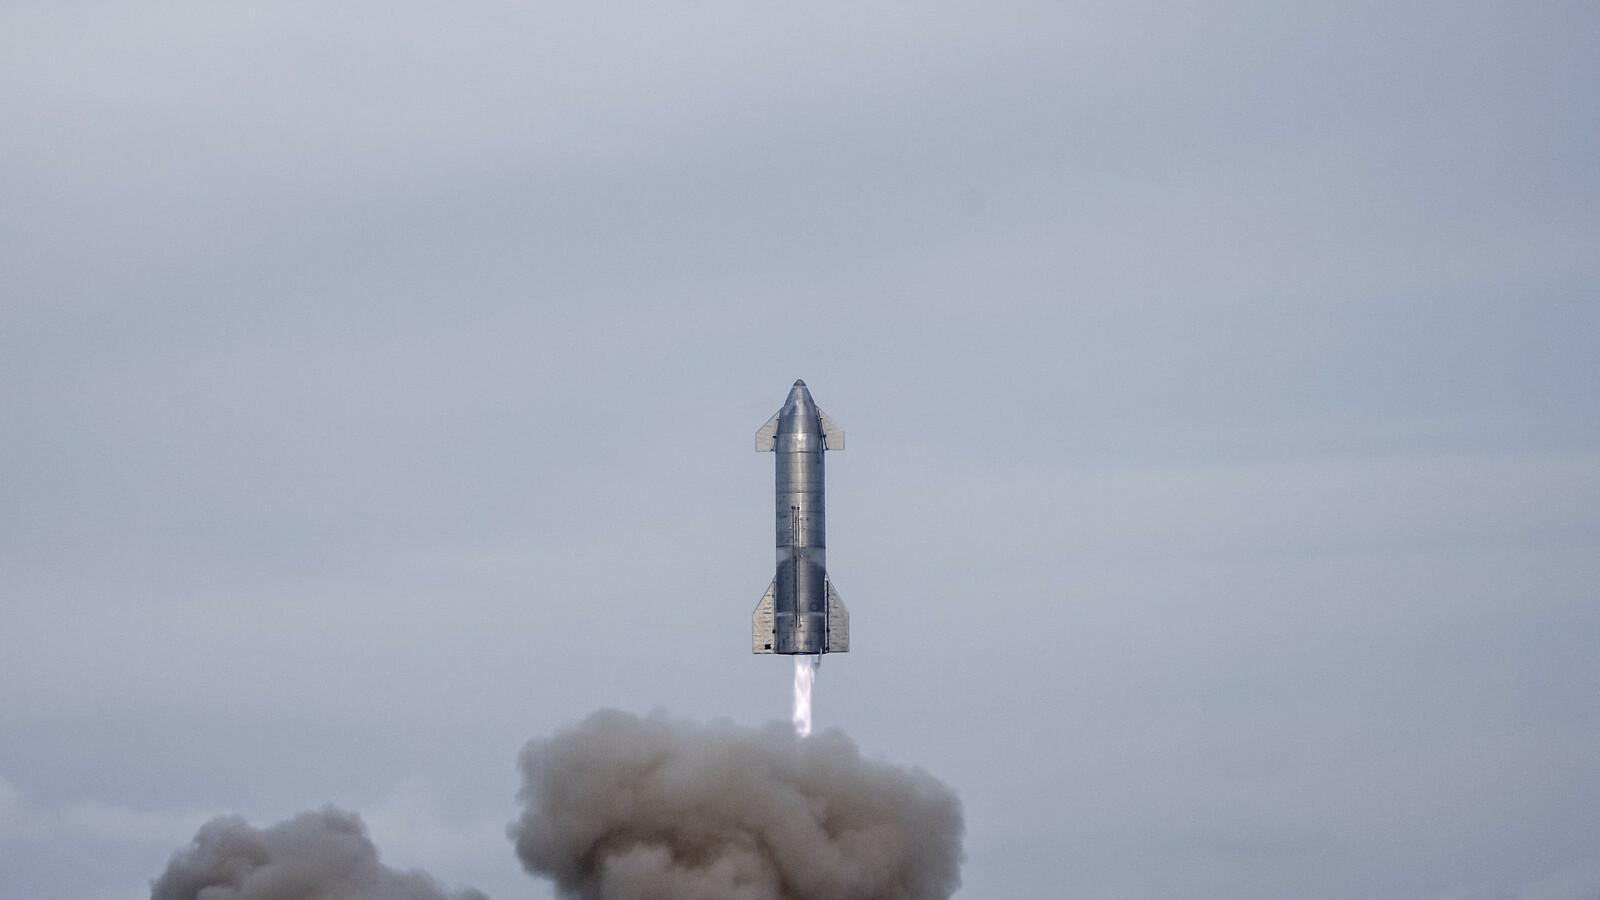 Jeden z prototypów Starshipa / fot. SpaceX / flickr.com